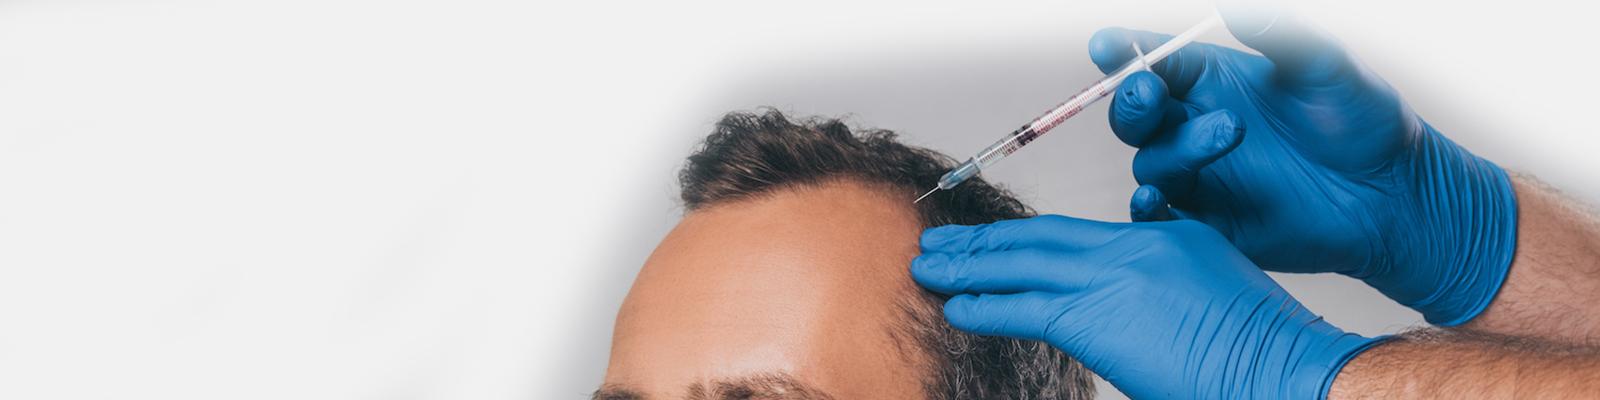 PRP for Scalp (Hair)